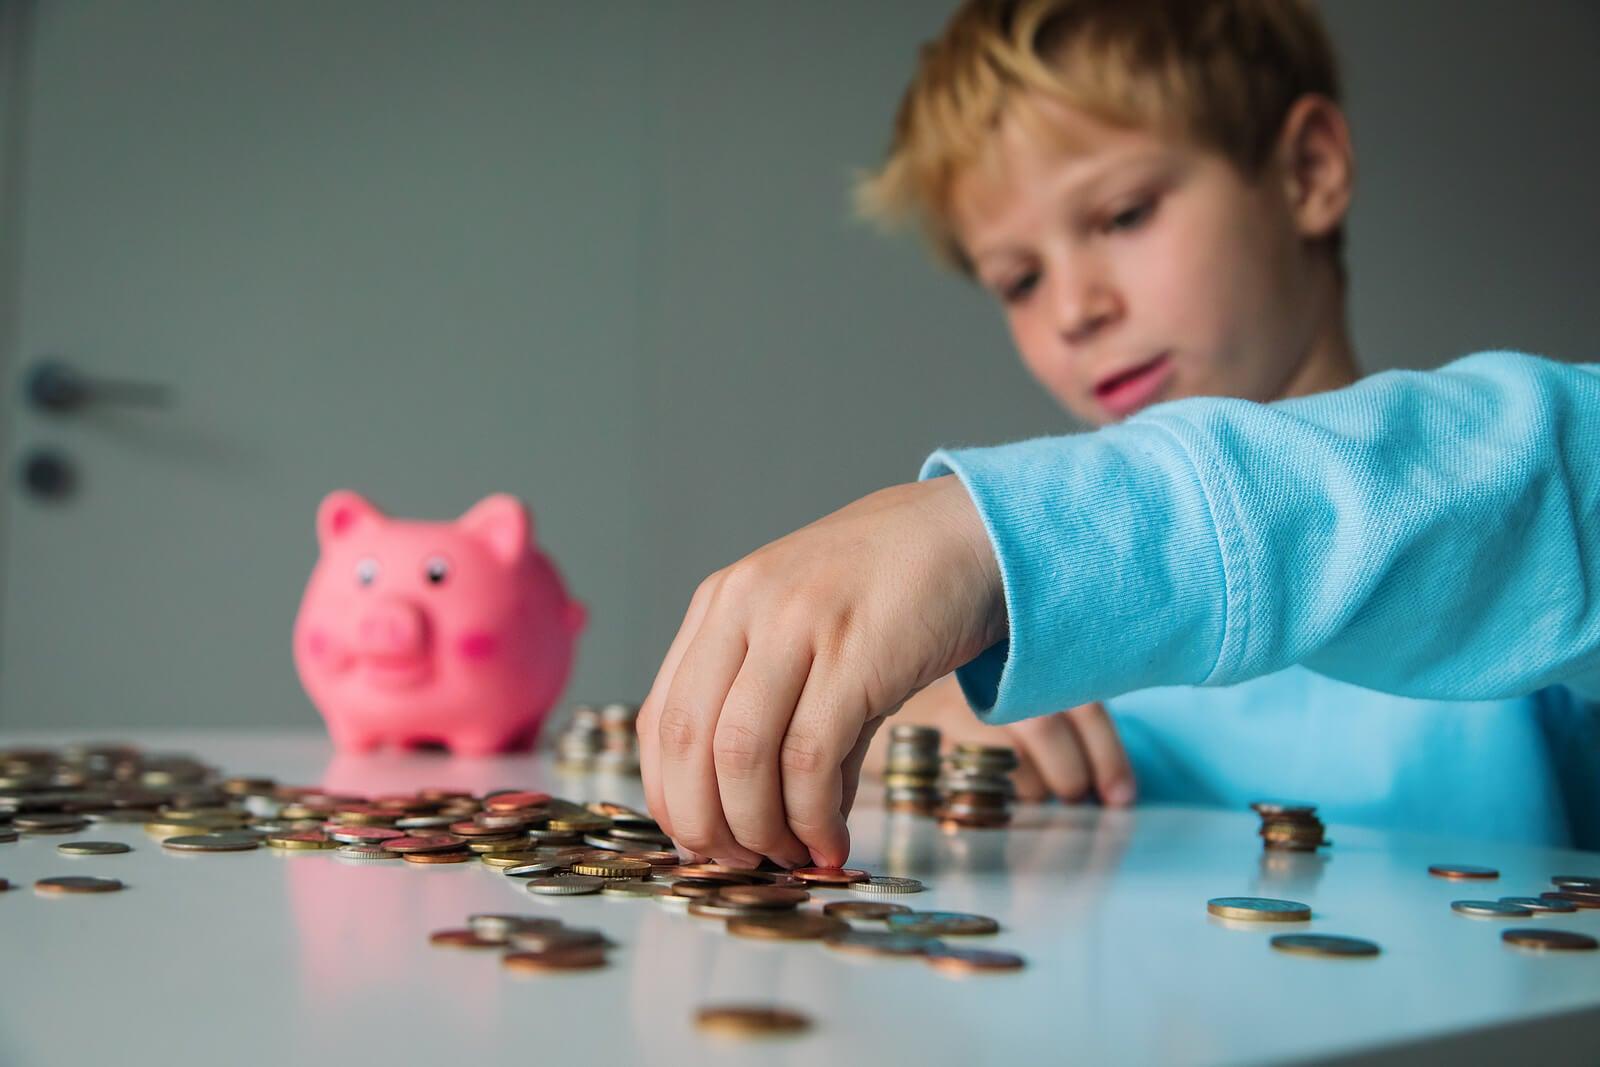 Niño aprendiendo a ahorrar el dinero que le dan de paga.